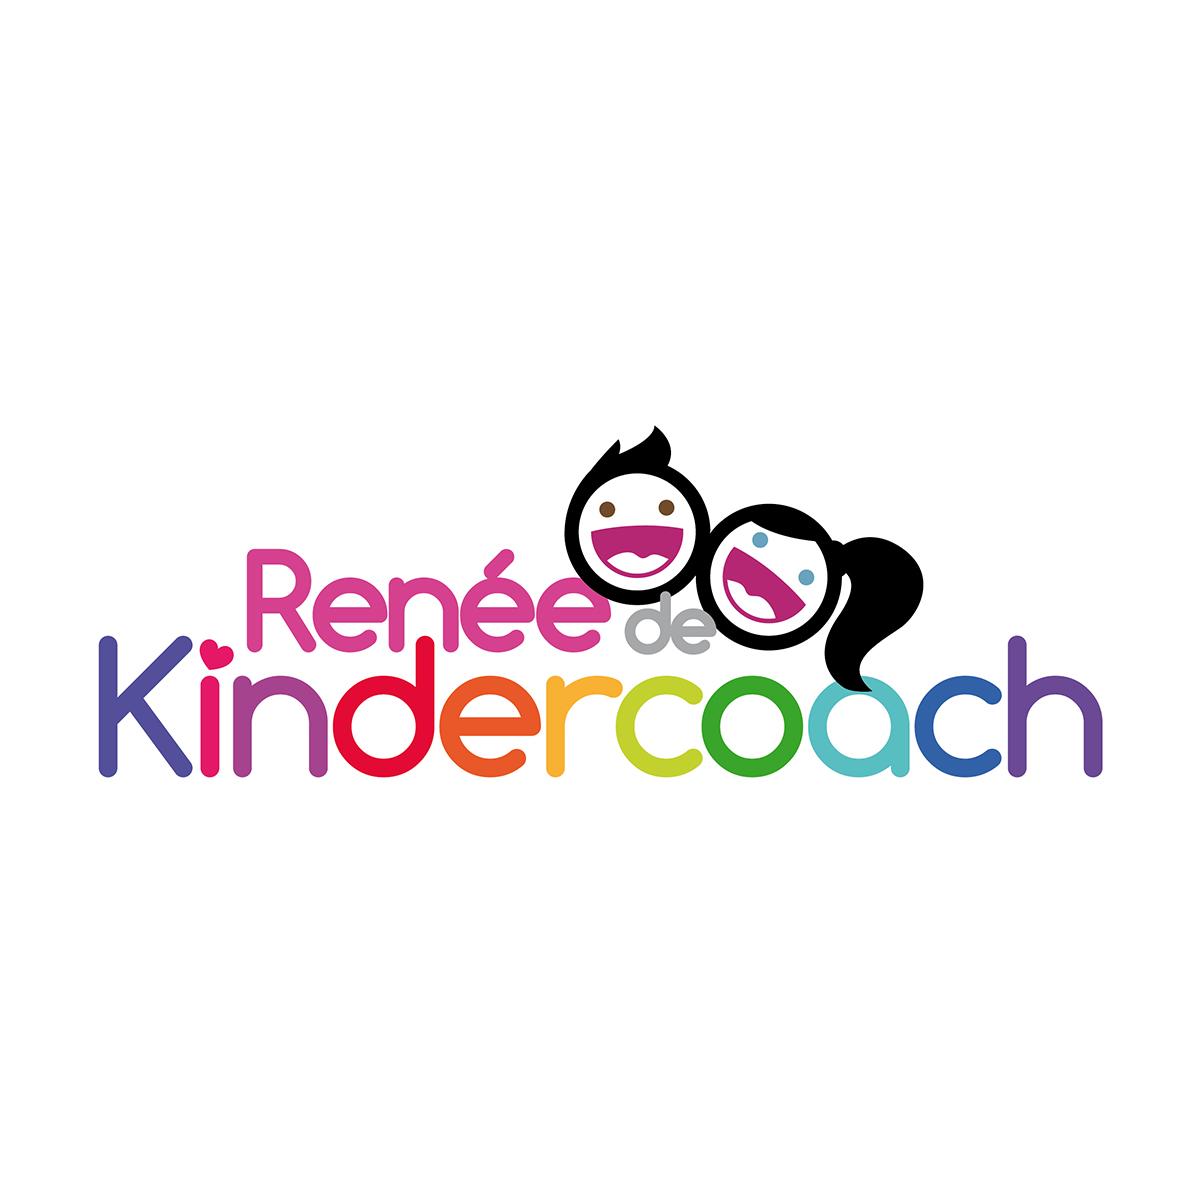 Huisstijl ontwerp Renee de kindercoach